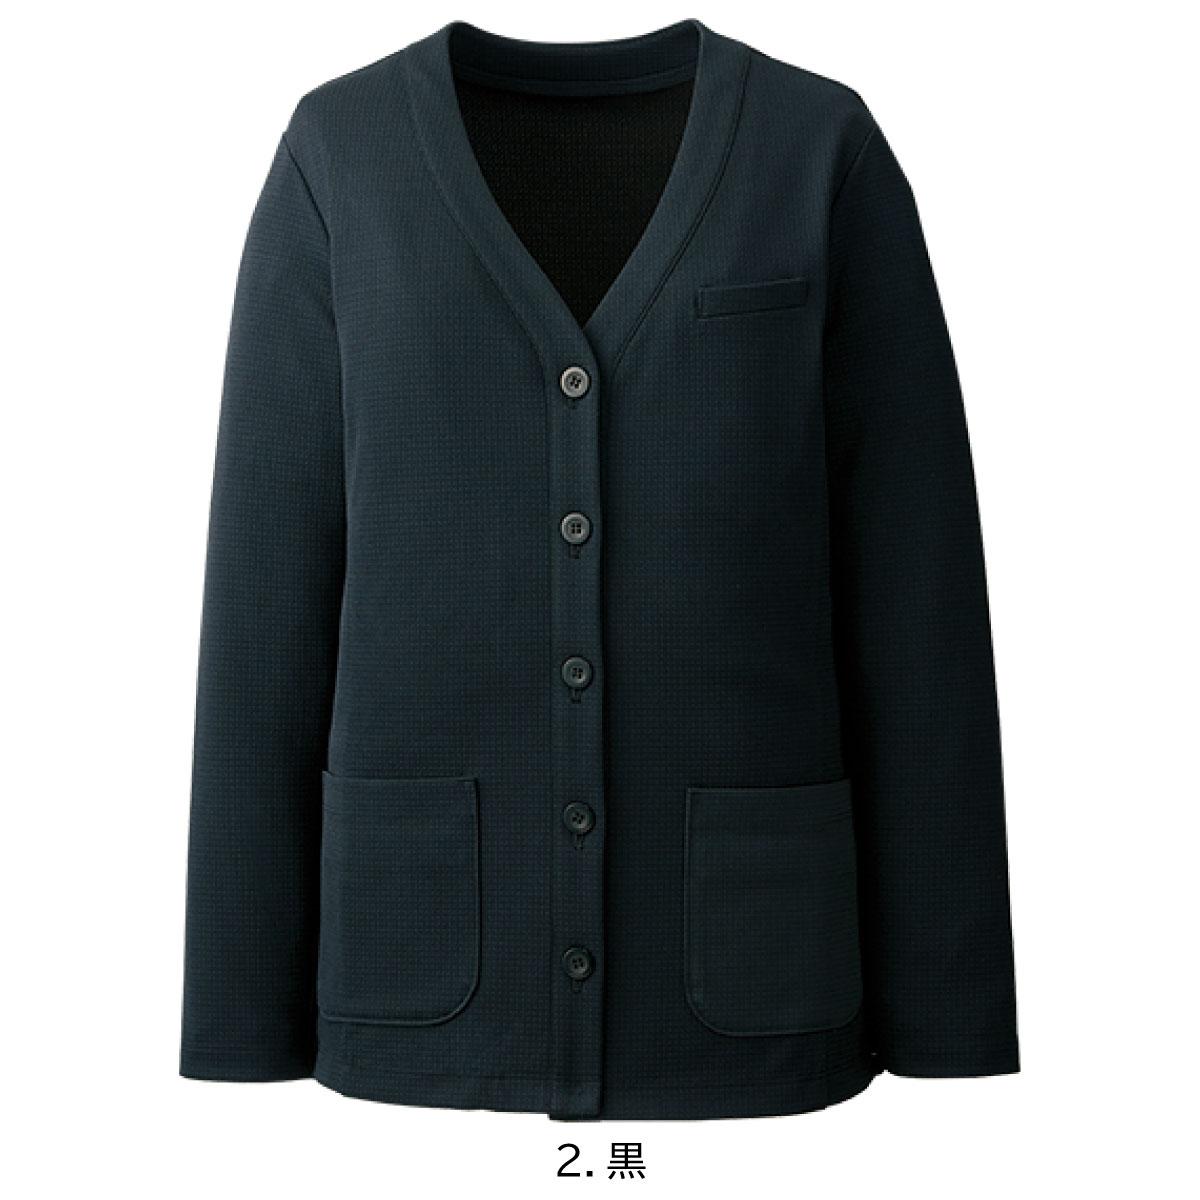 カーディガンジャケット AR9245 S~3L 女性用 アルファピア ALPHA PIER チクマ ブラック